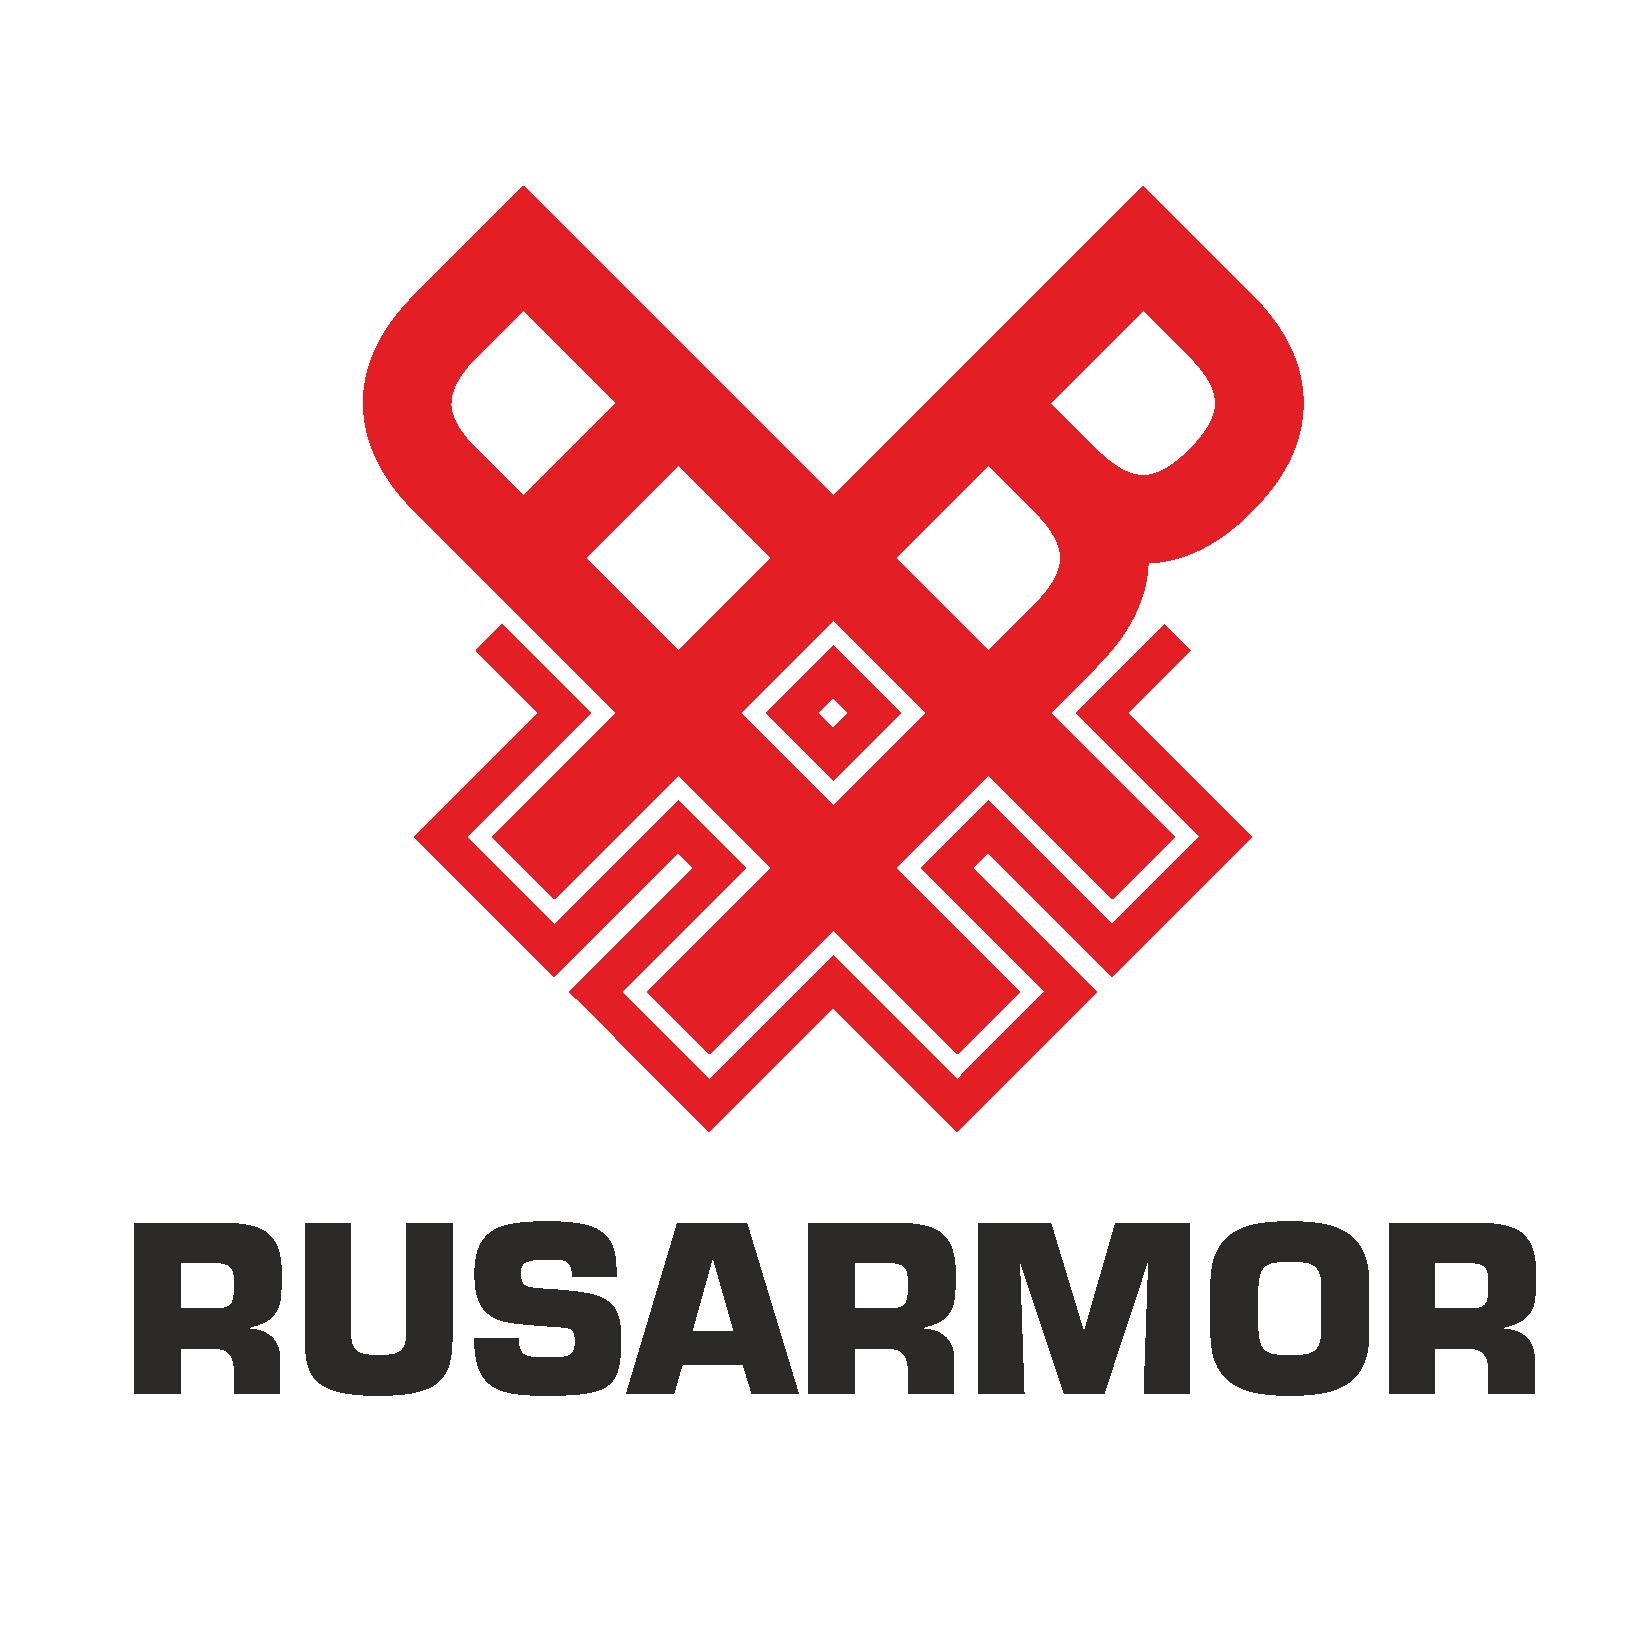 Разработка логотипа технологического стартапа РУСАРМОР фото f_3095a0a968407bc9.png